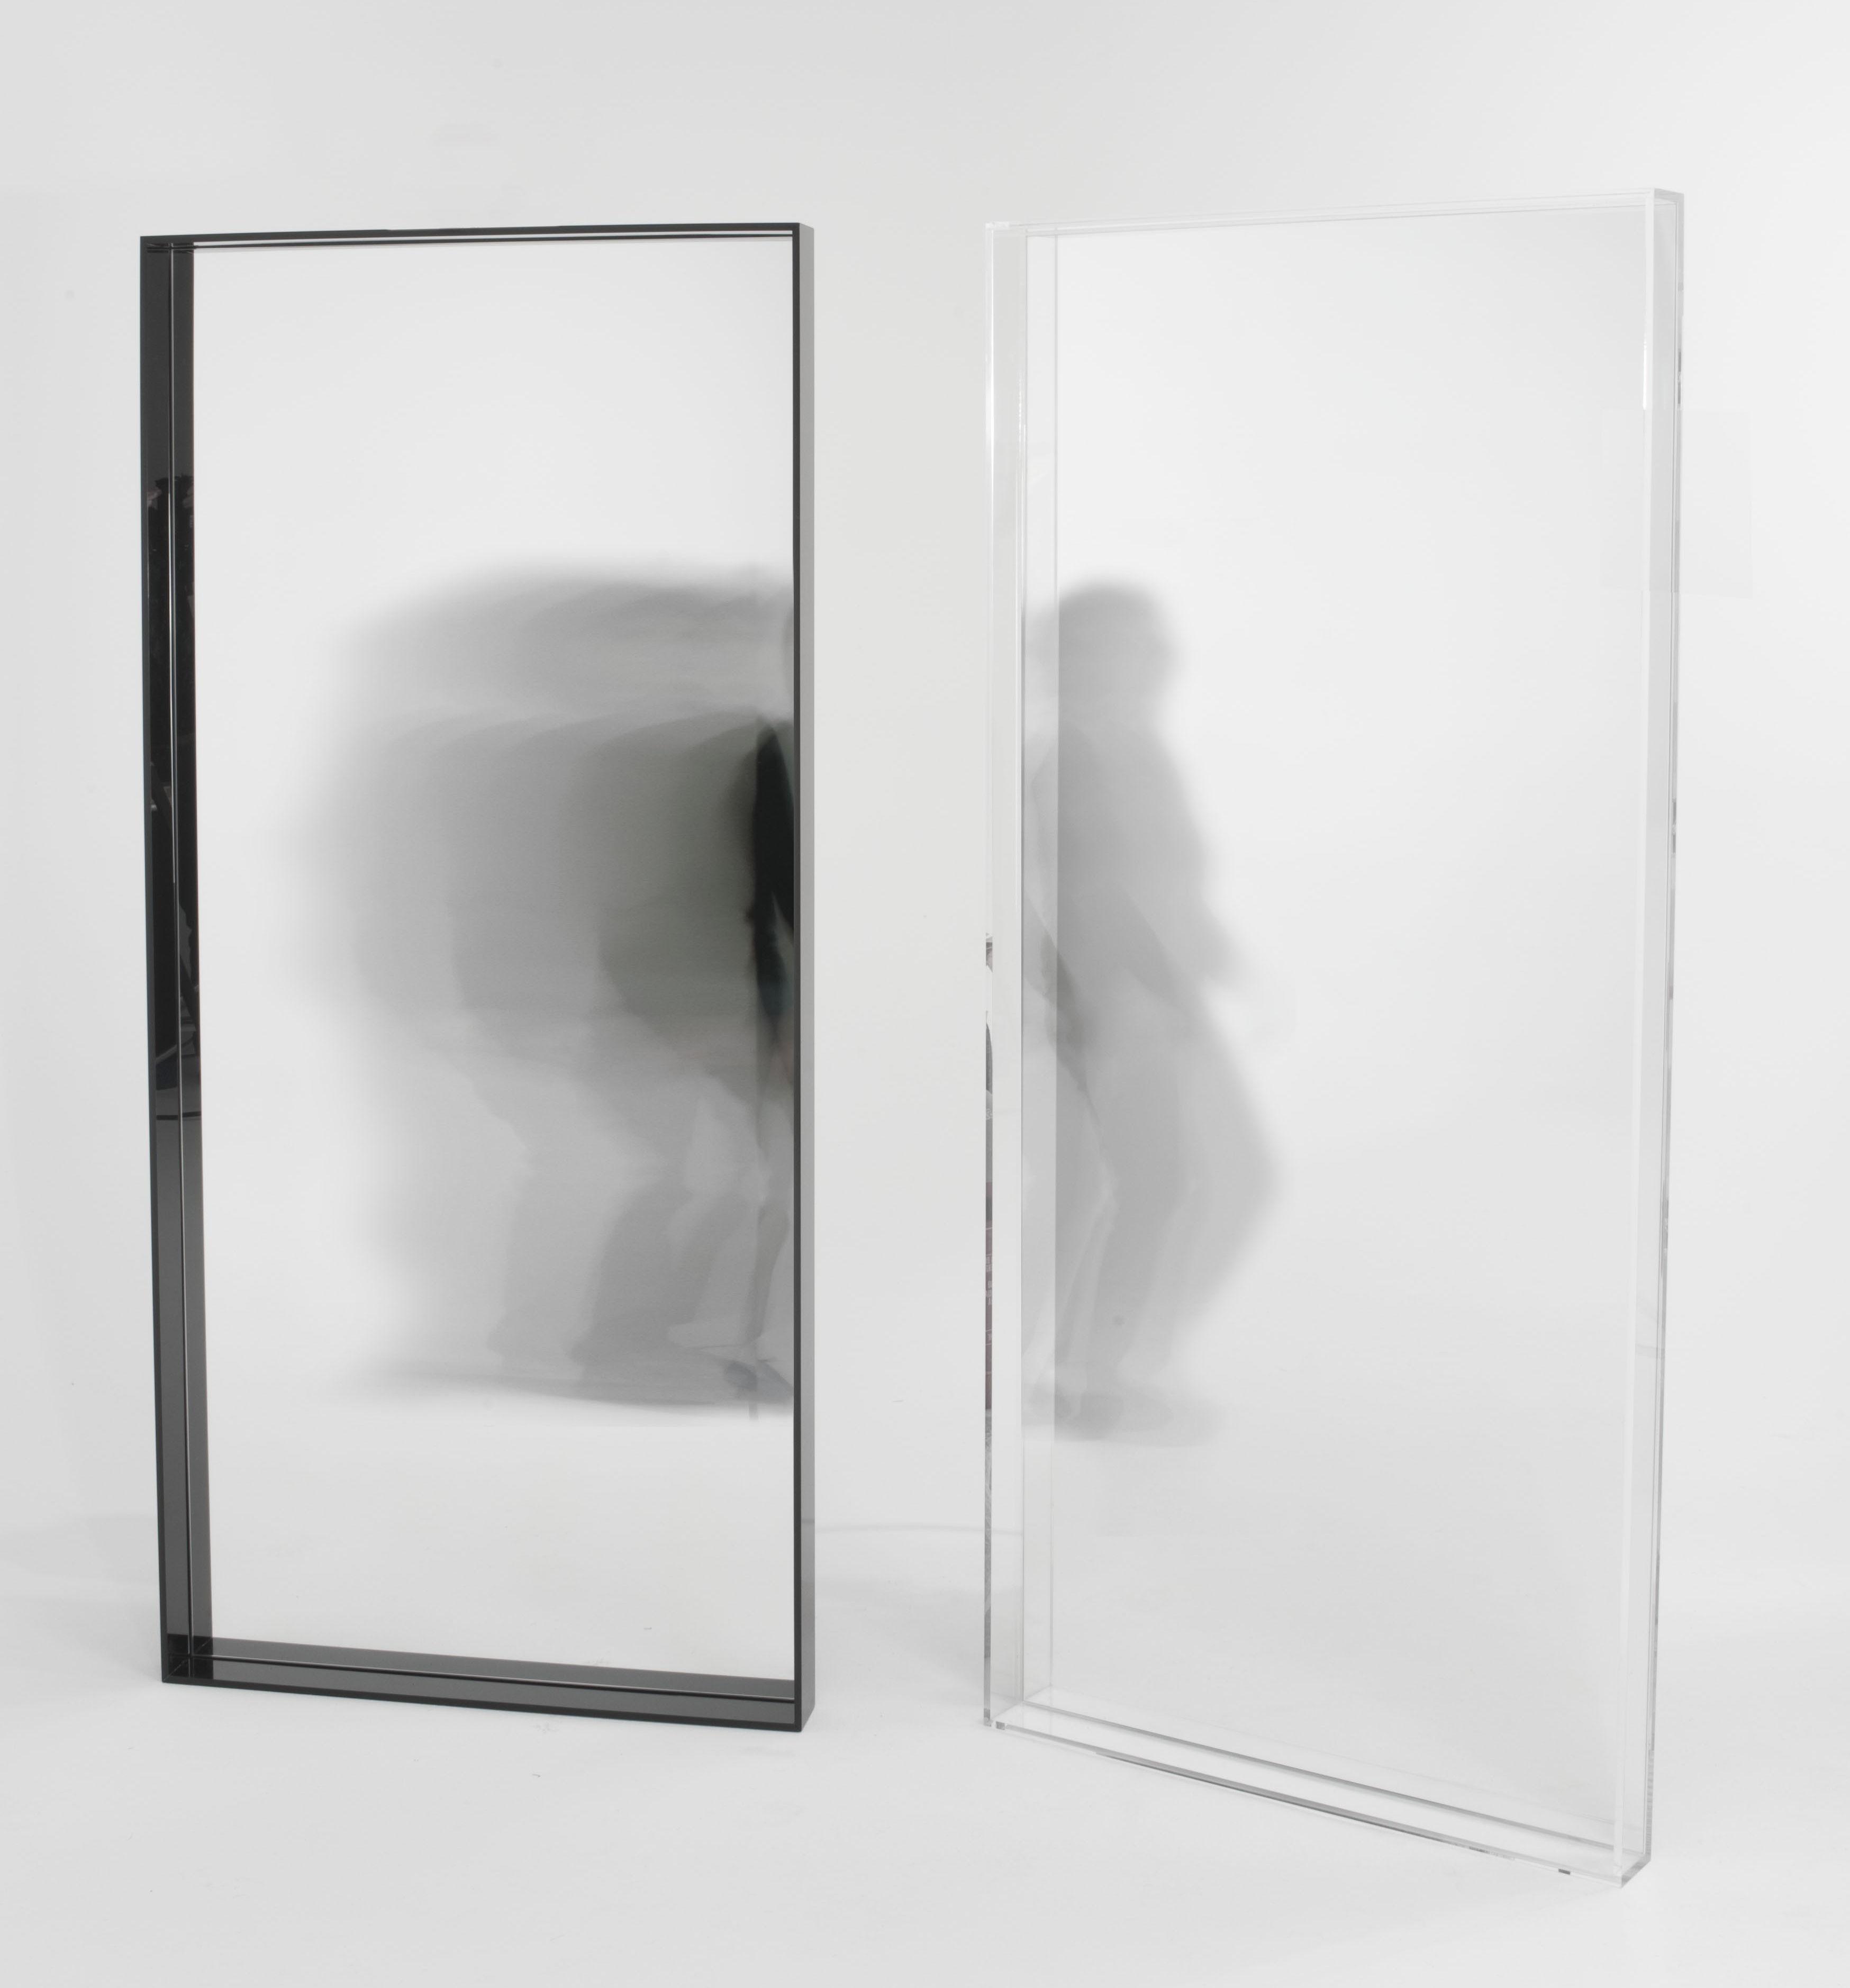 Miroir mural only me l 80 x h 180 cm noir kartell - Miroir mural 180 cm ...